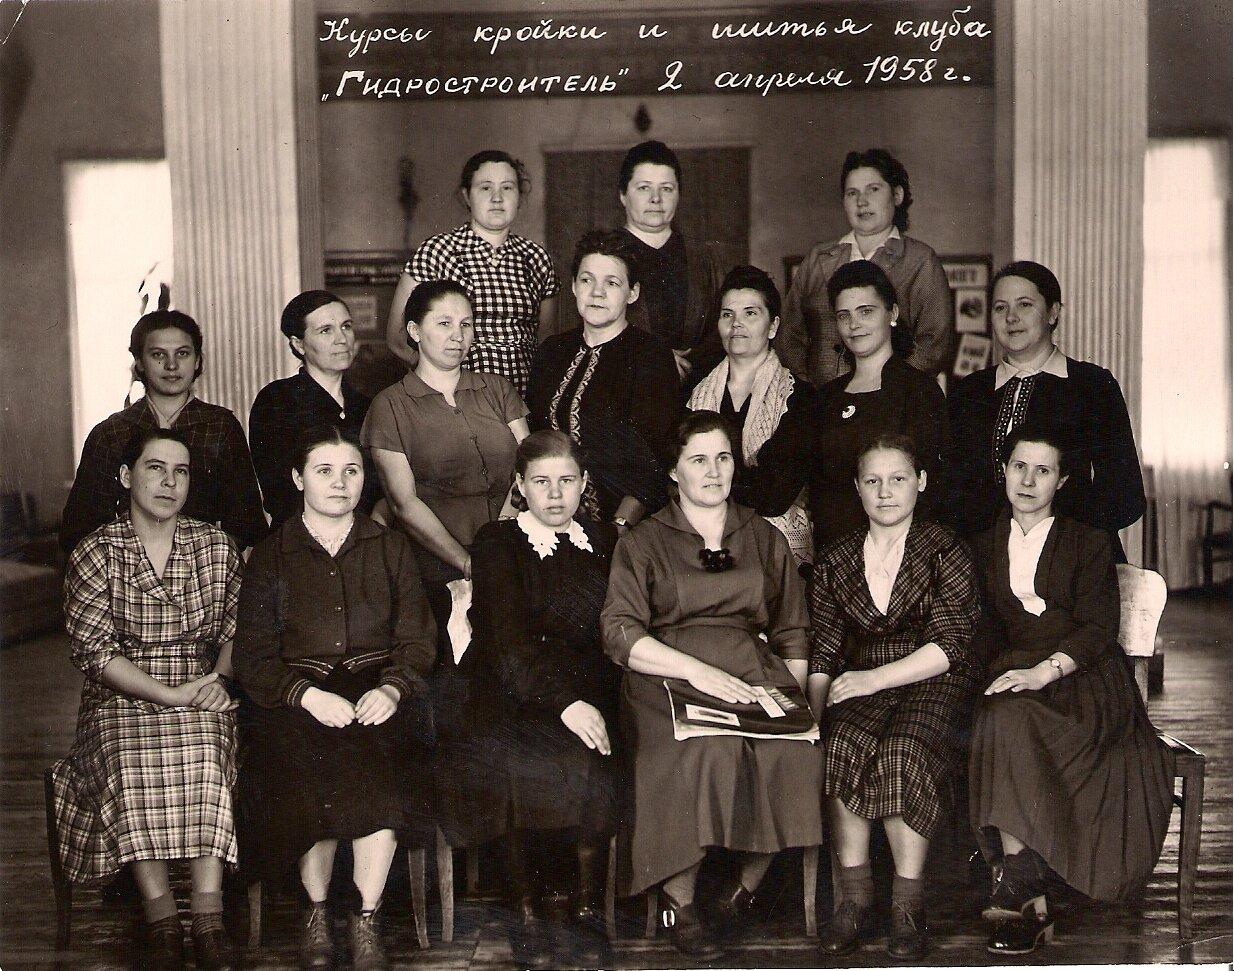 1958. Кружок кройки и шитья был и в клубе Гидростроитель в Ставрополе на Волге.